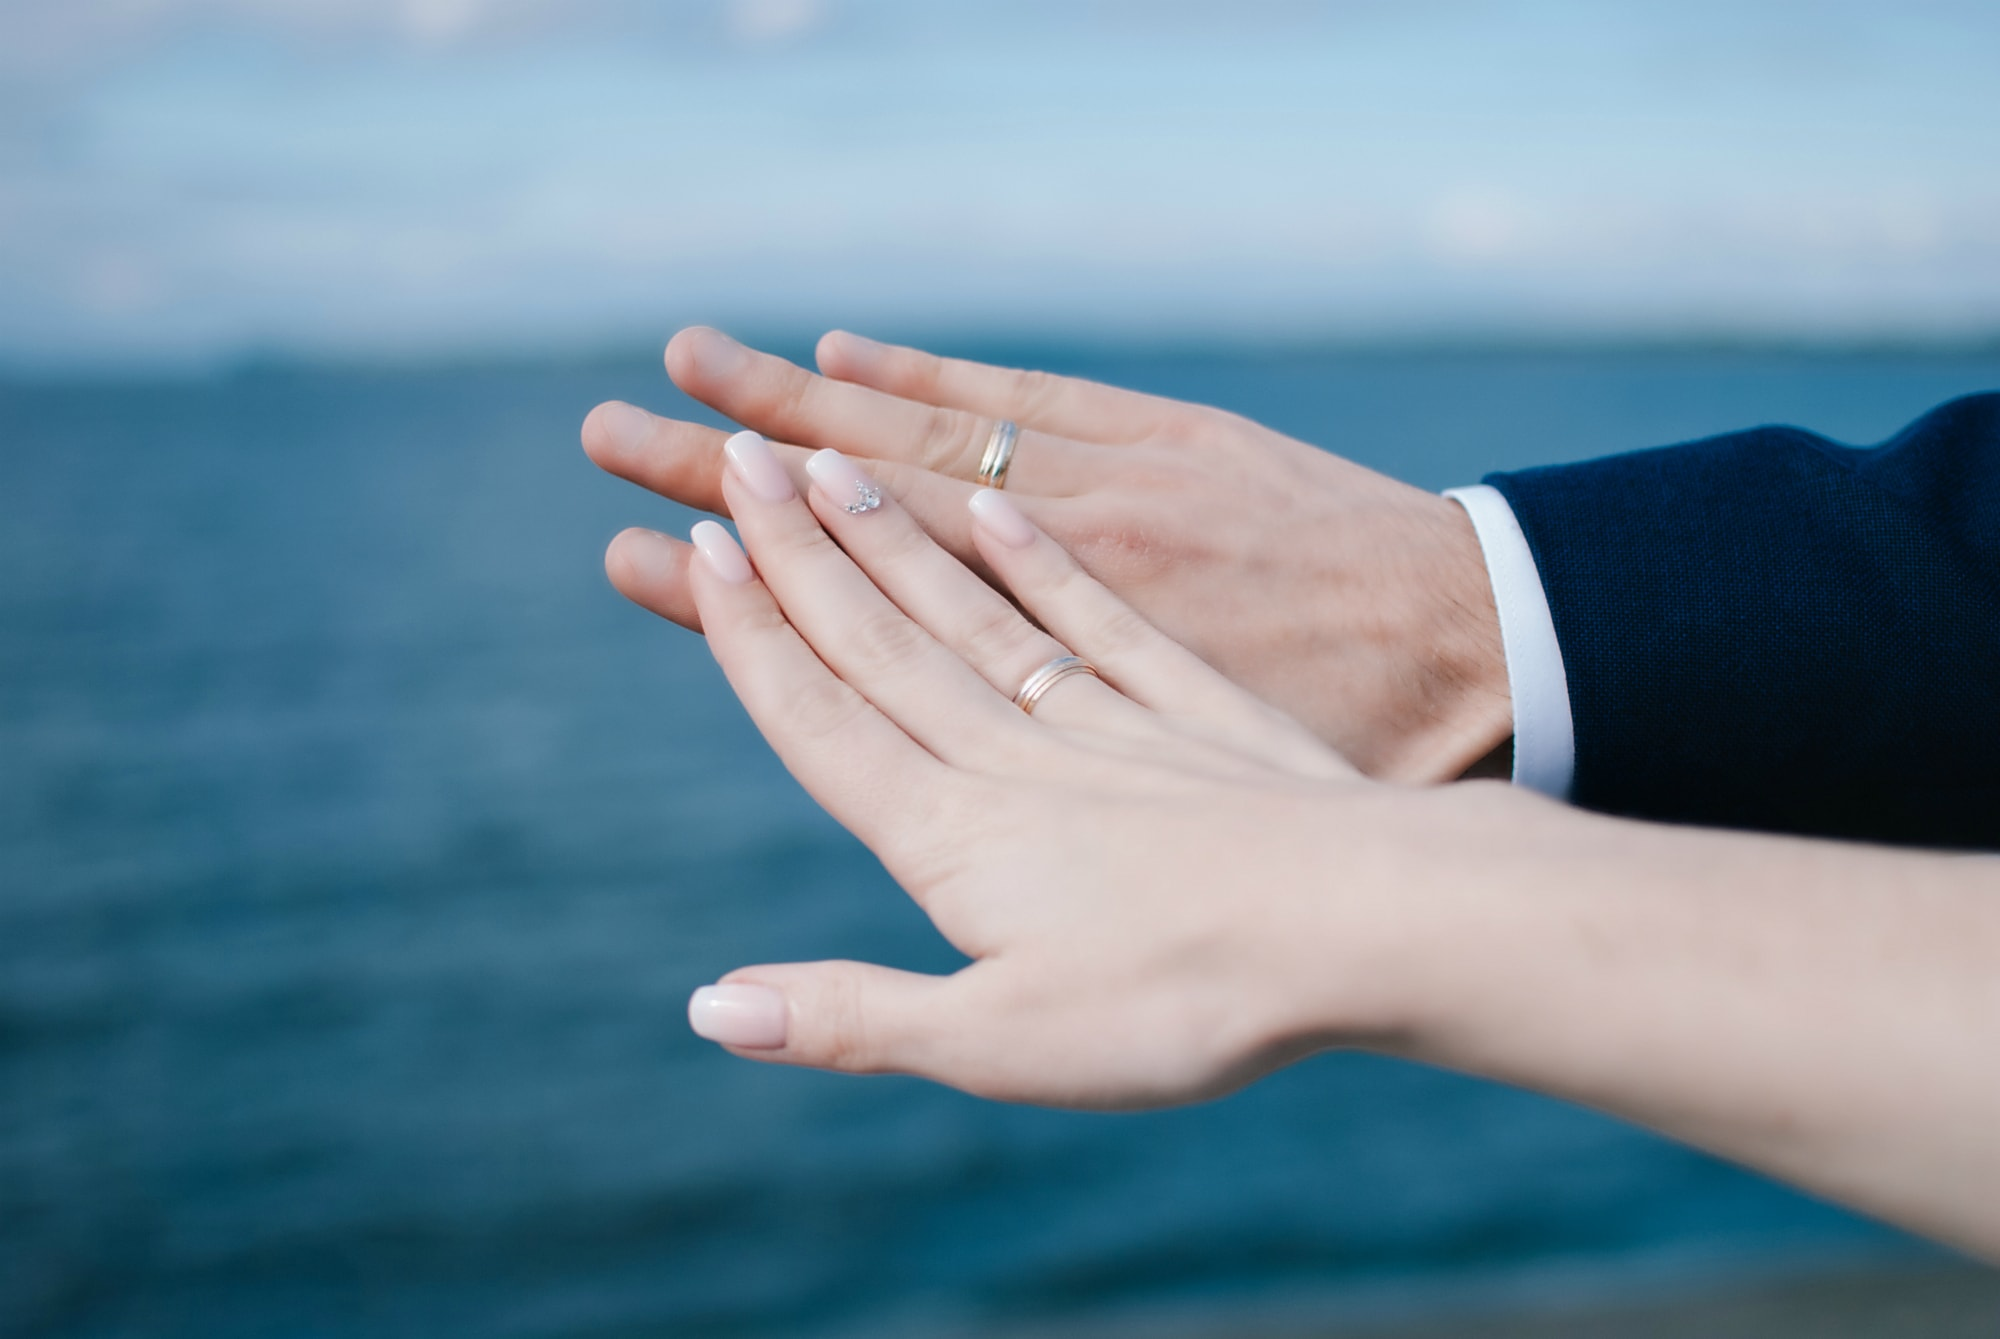 Руки жениха и невесты с кольцами - Фотограф Киев - Женя Лайт